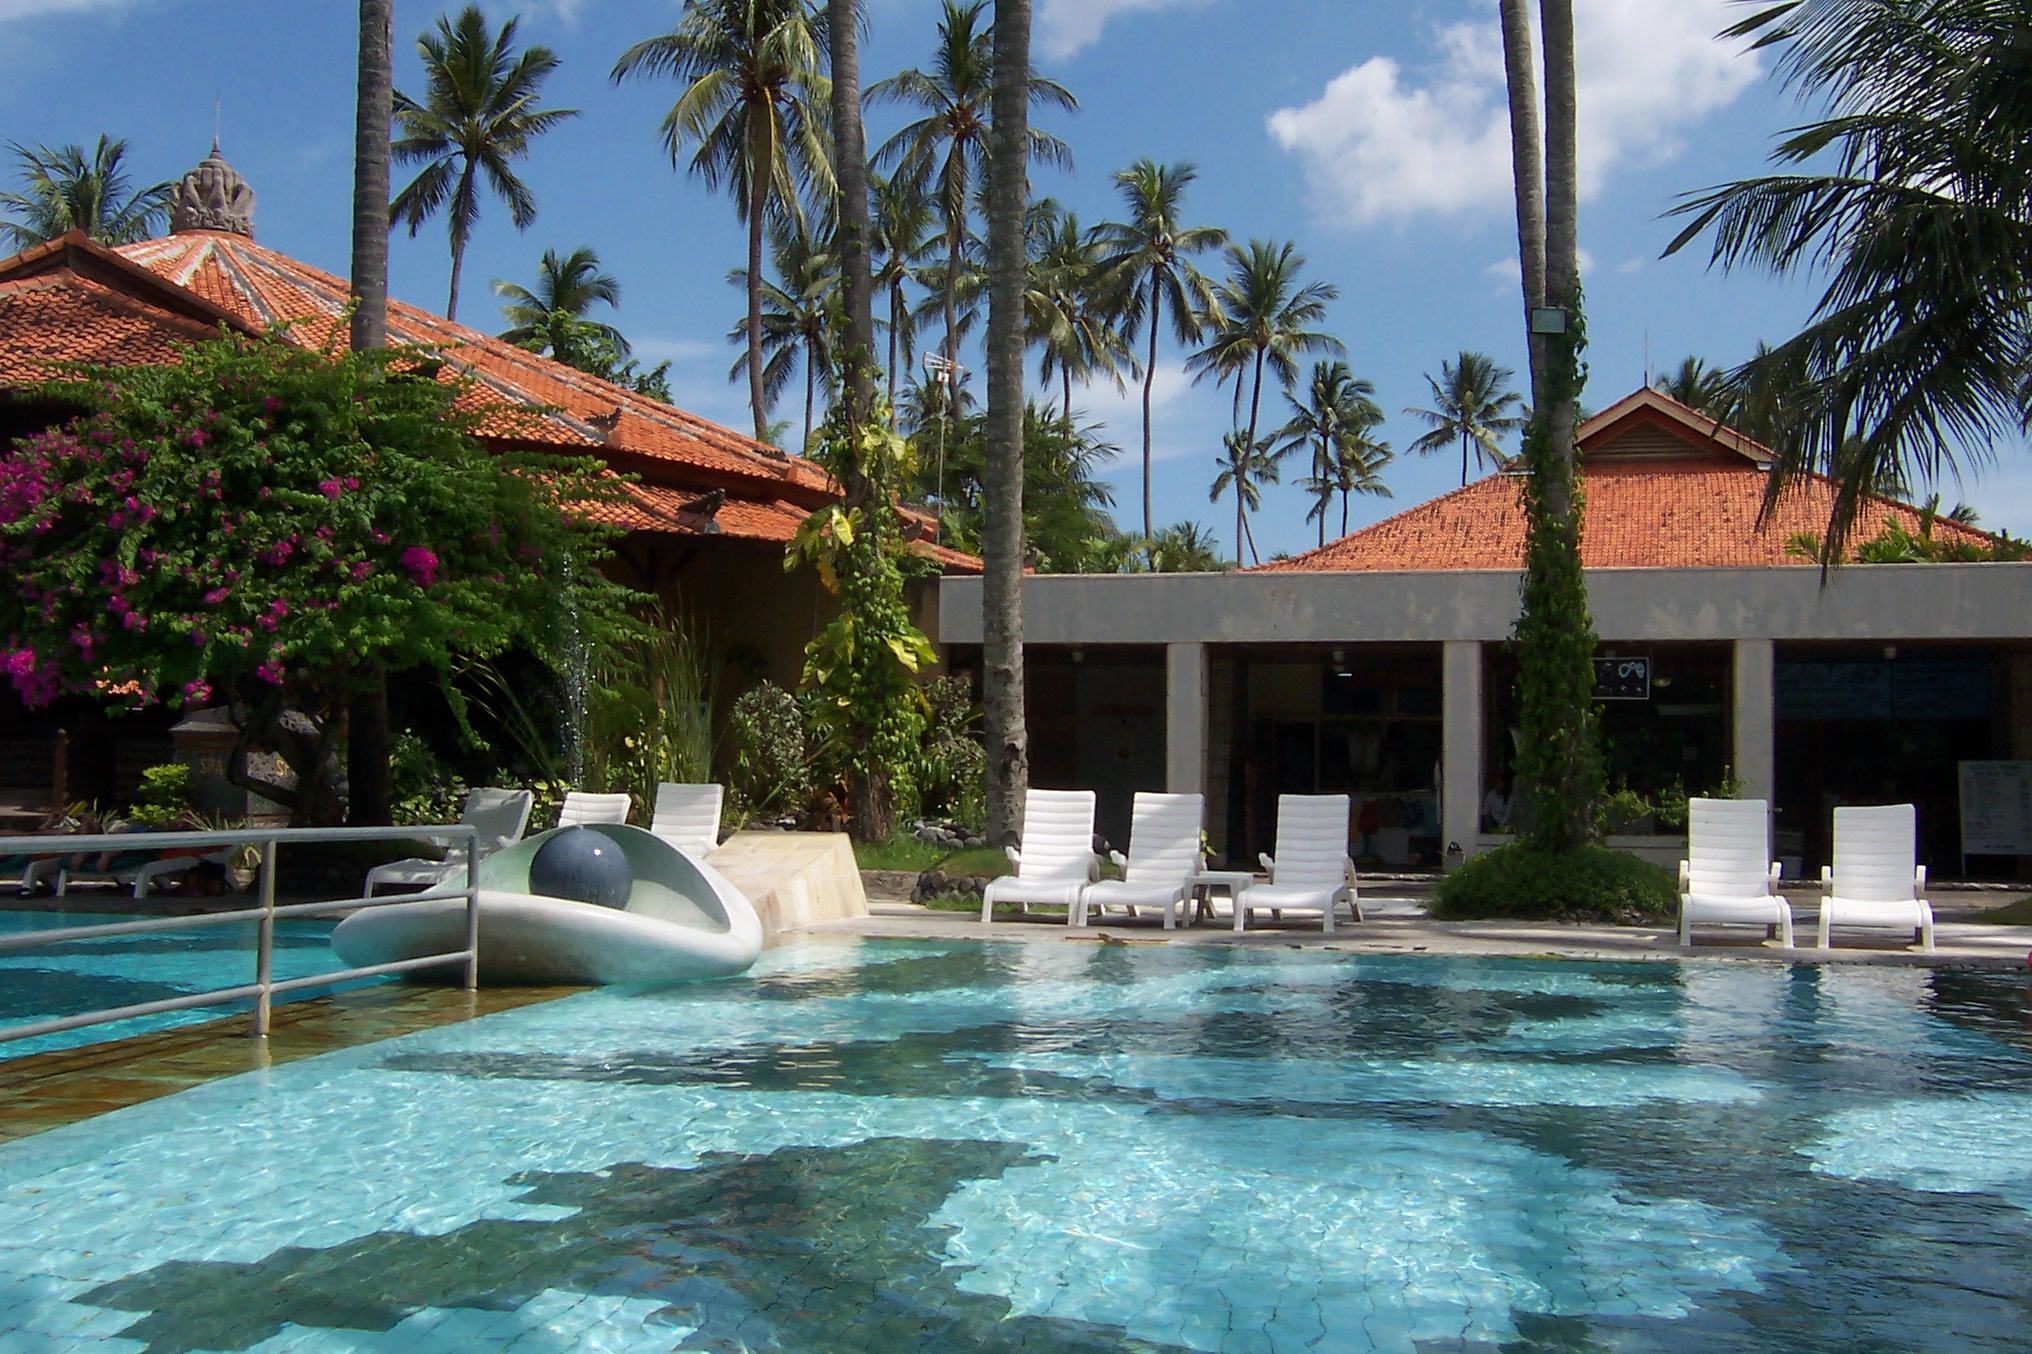 旅行心情记录:巴厘岛度假酒店的泳池